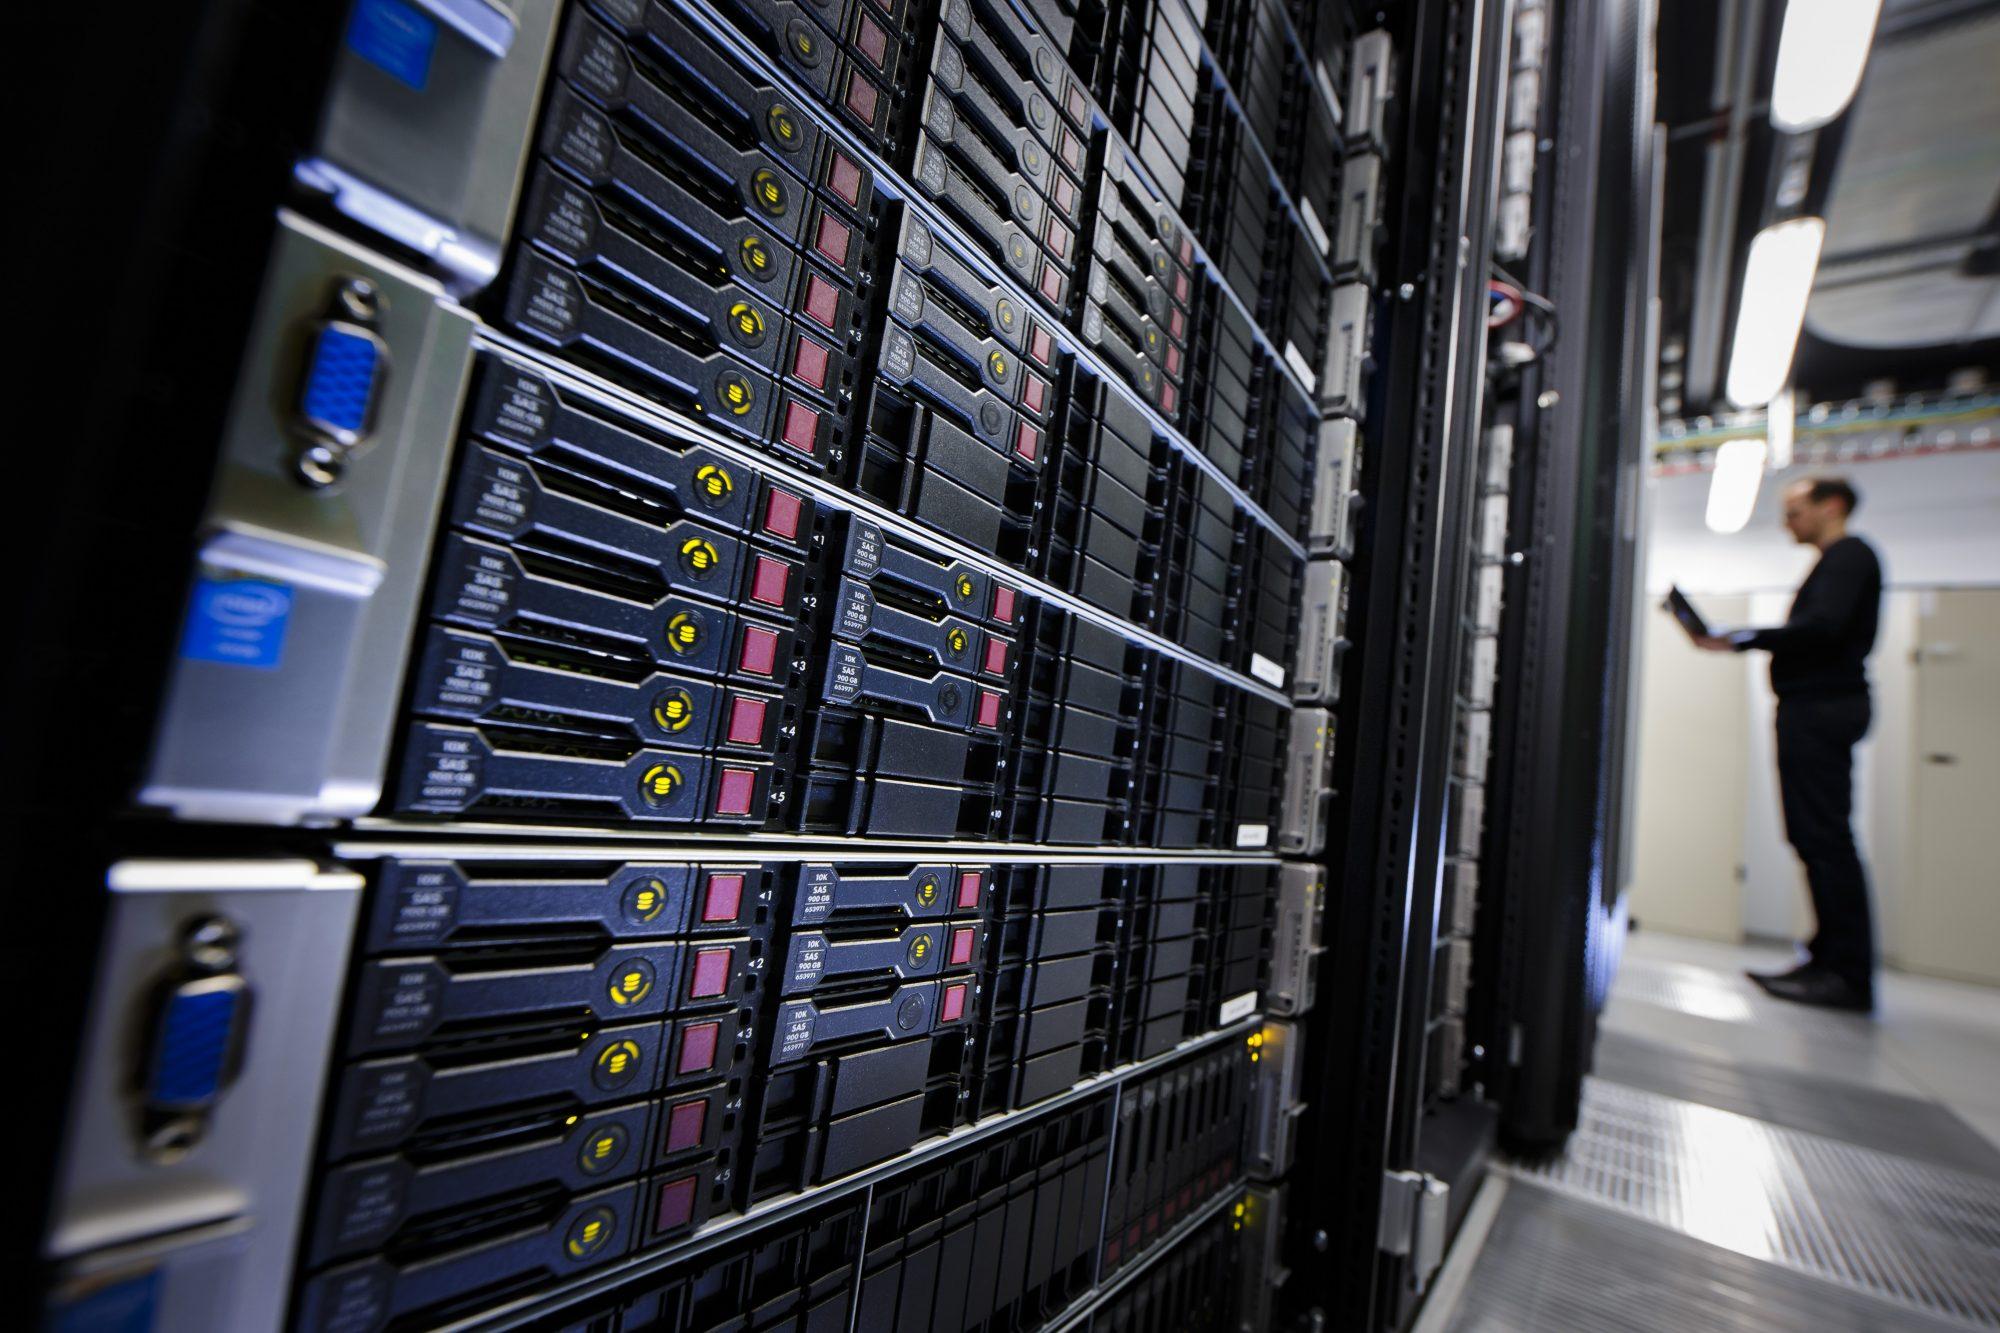 a server center